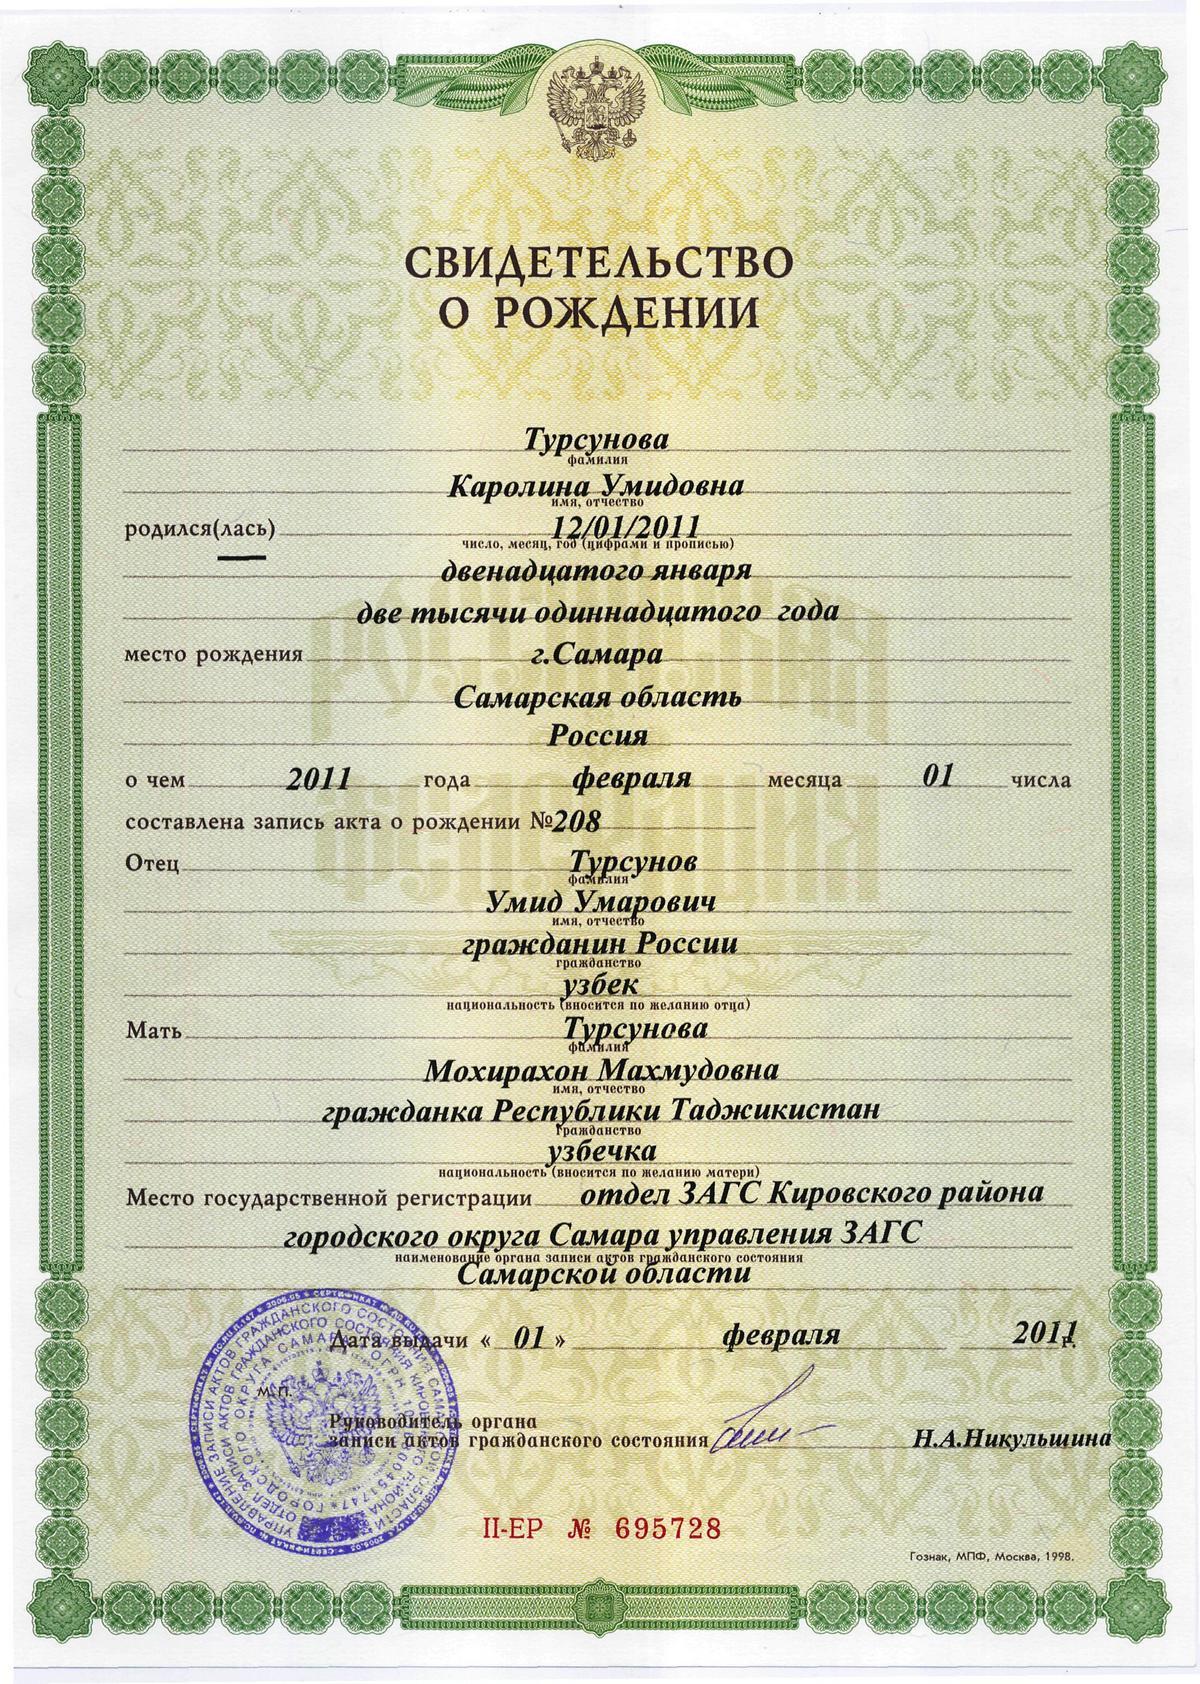 Свидетельство о рождении гражданина РФ